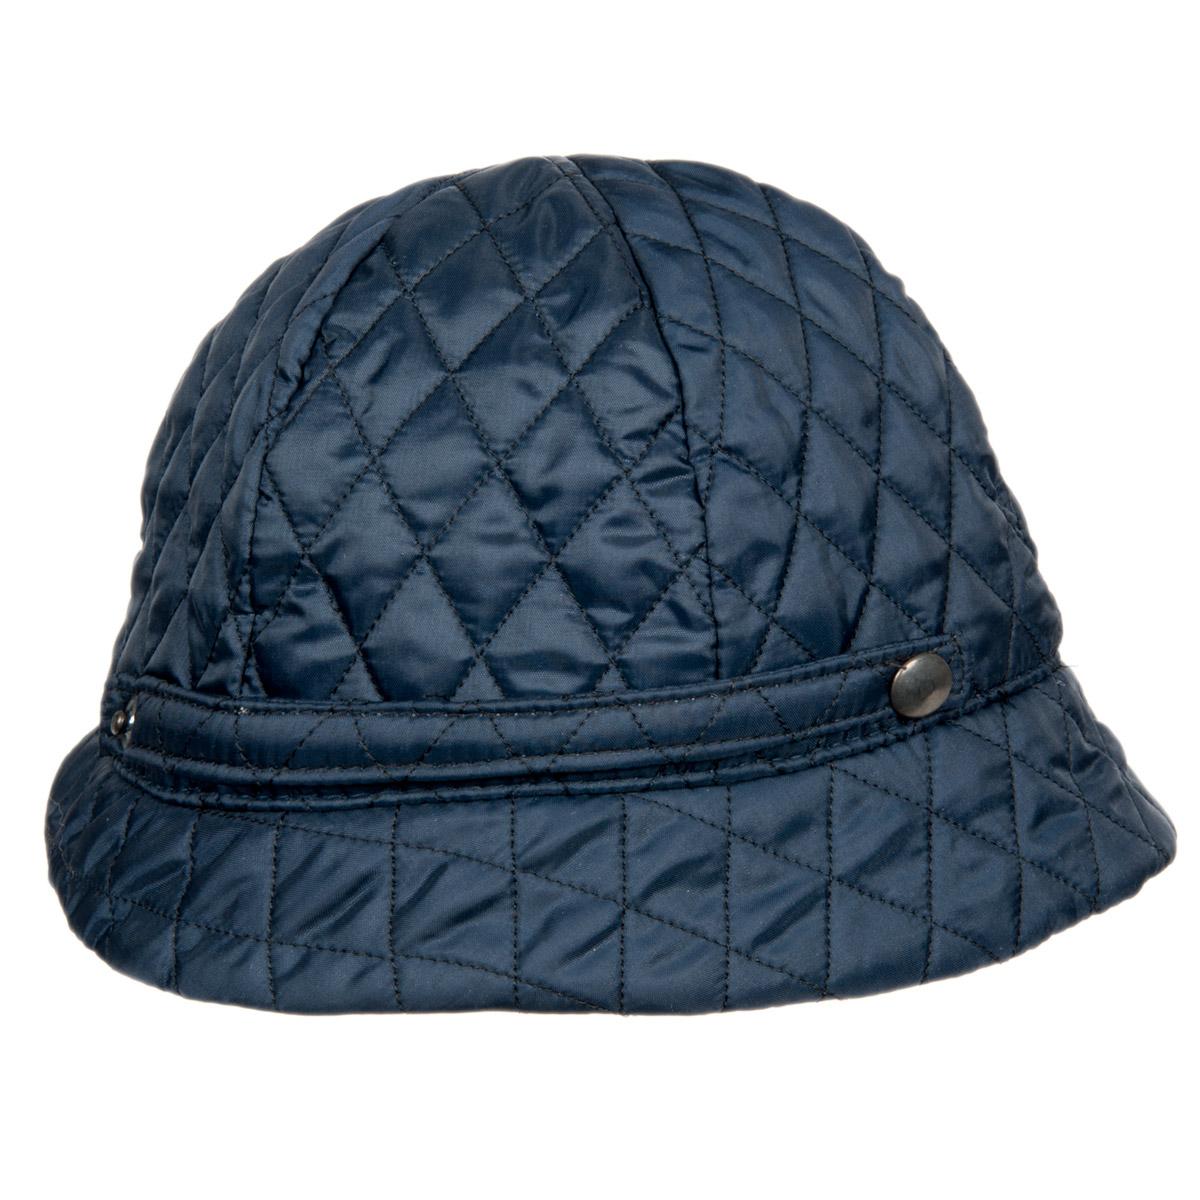 cappello impermeabile tascabile cappello impermeabile tascabile cappello  impermeabile tascabile 48f281286119